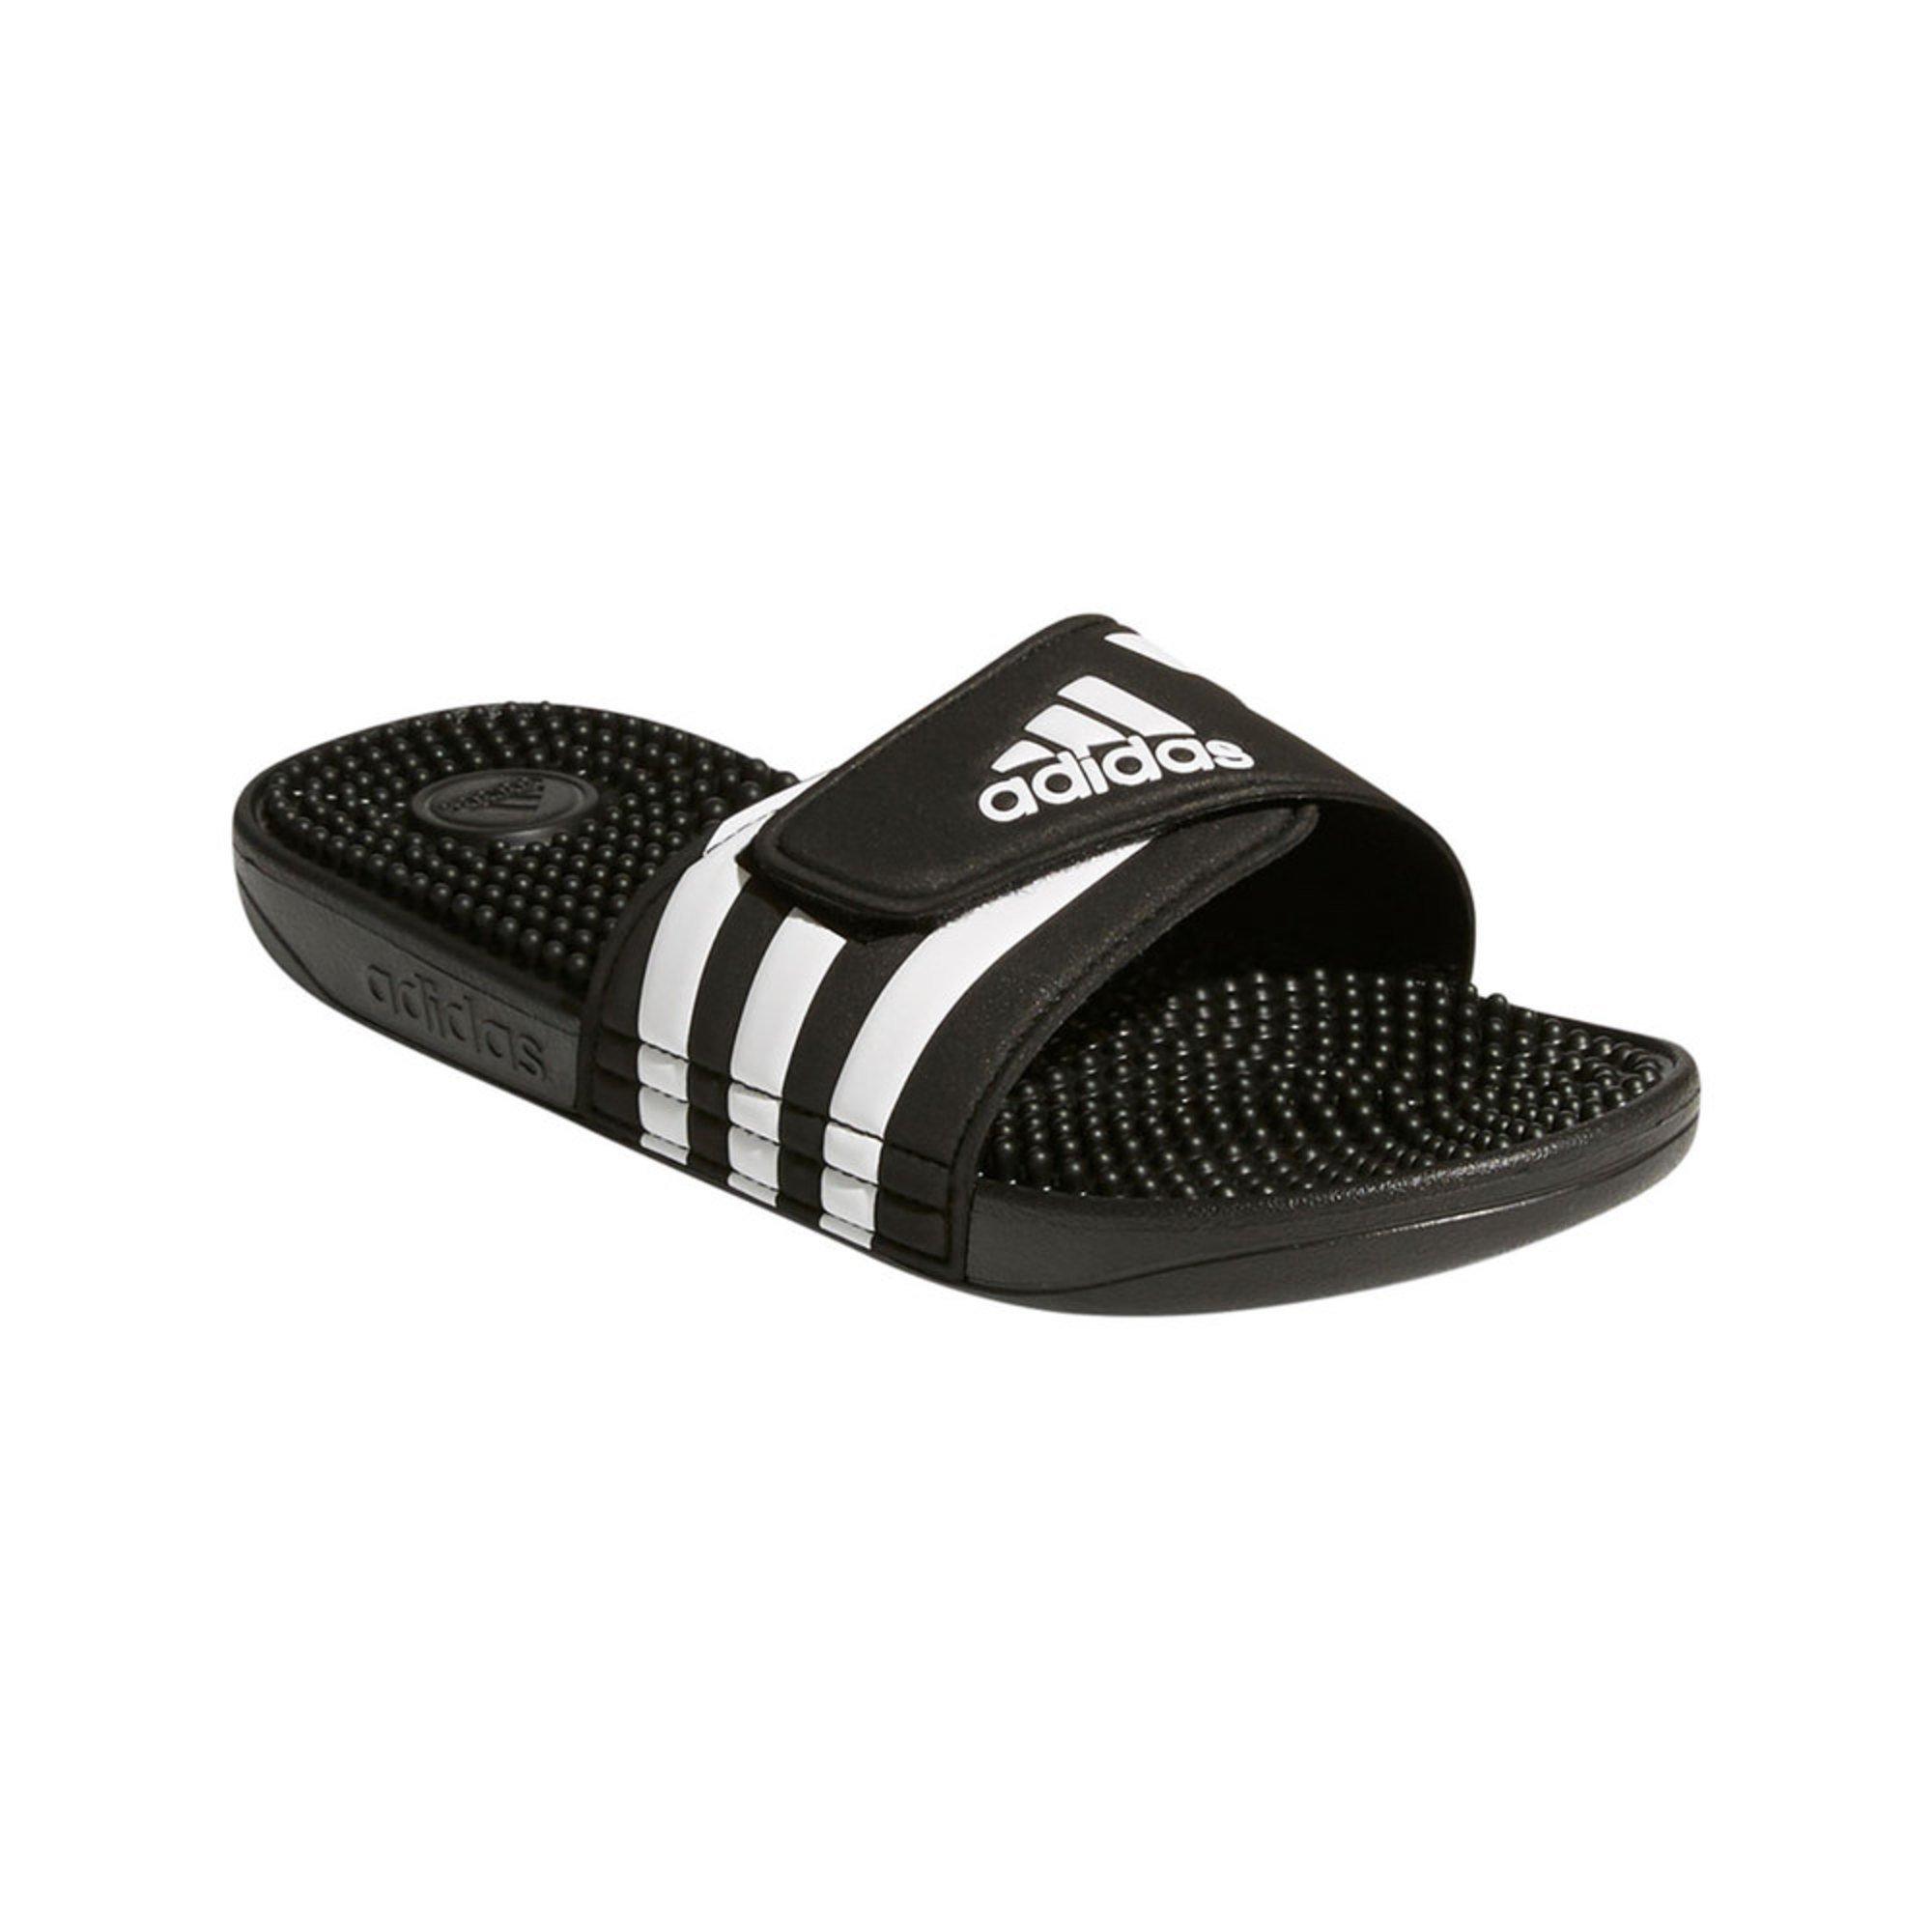 eacd12305 Adidas Women s Adissage Slide Sandal